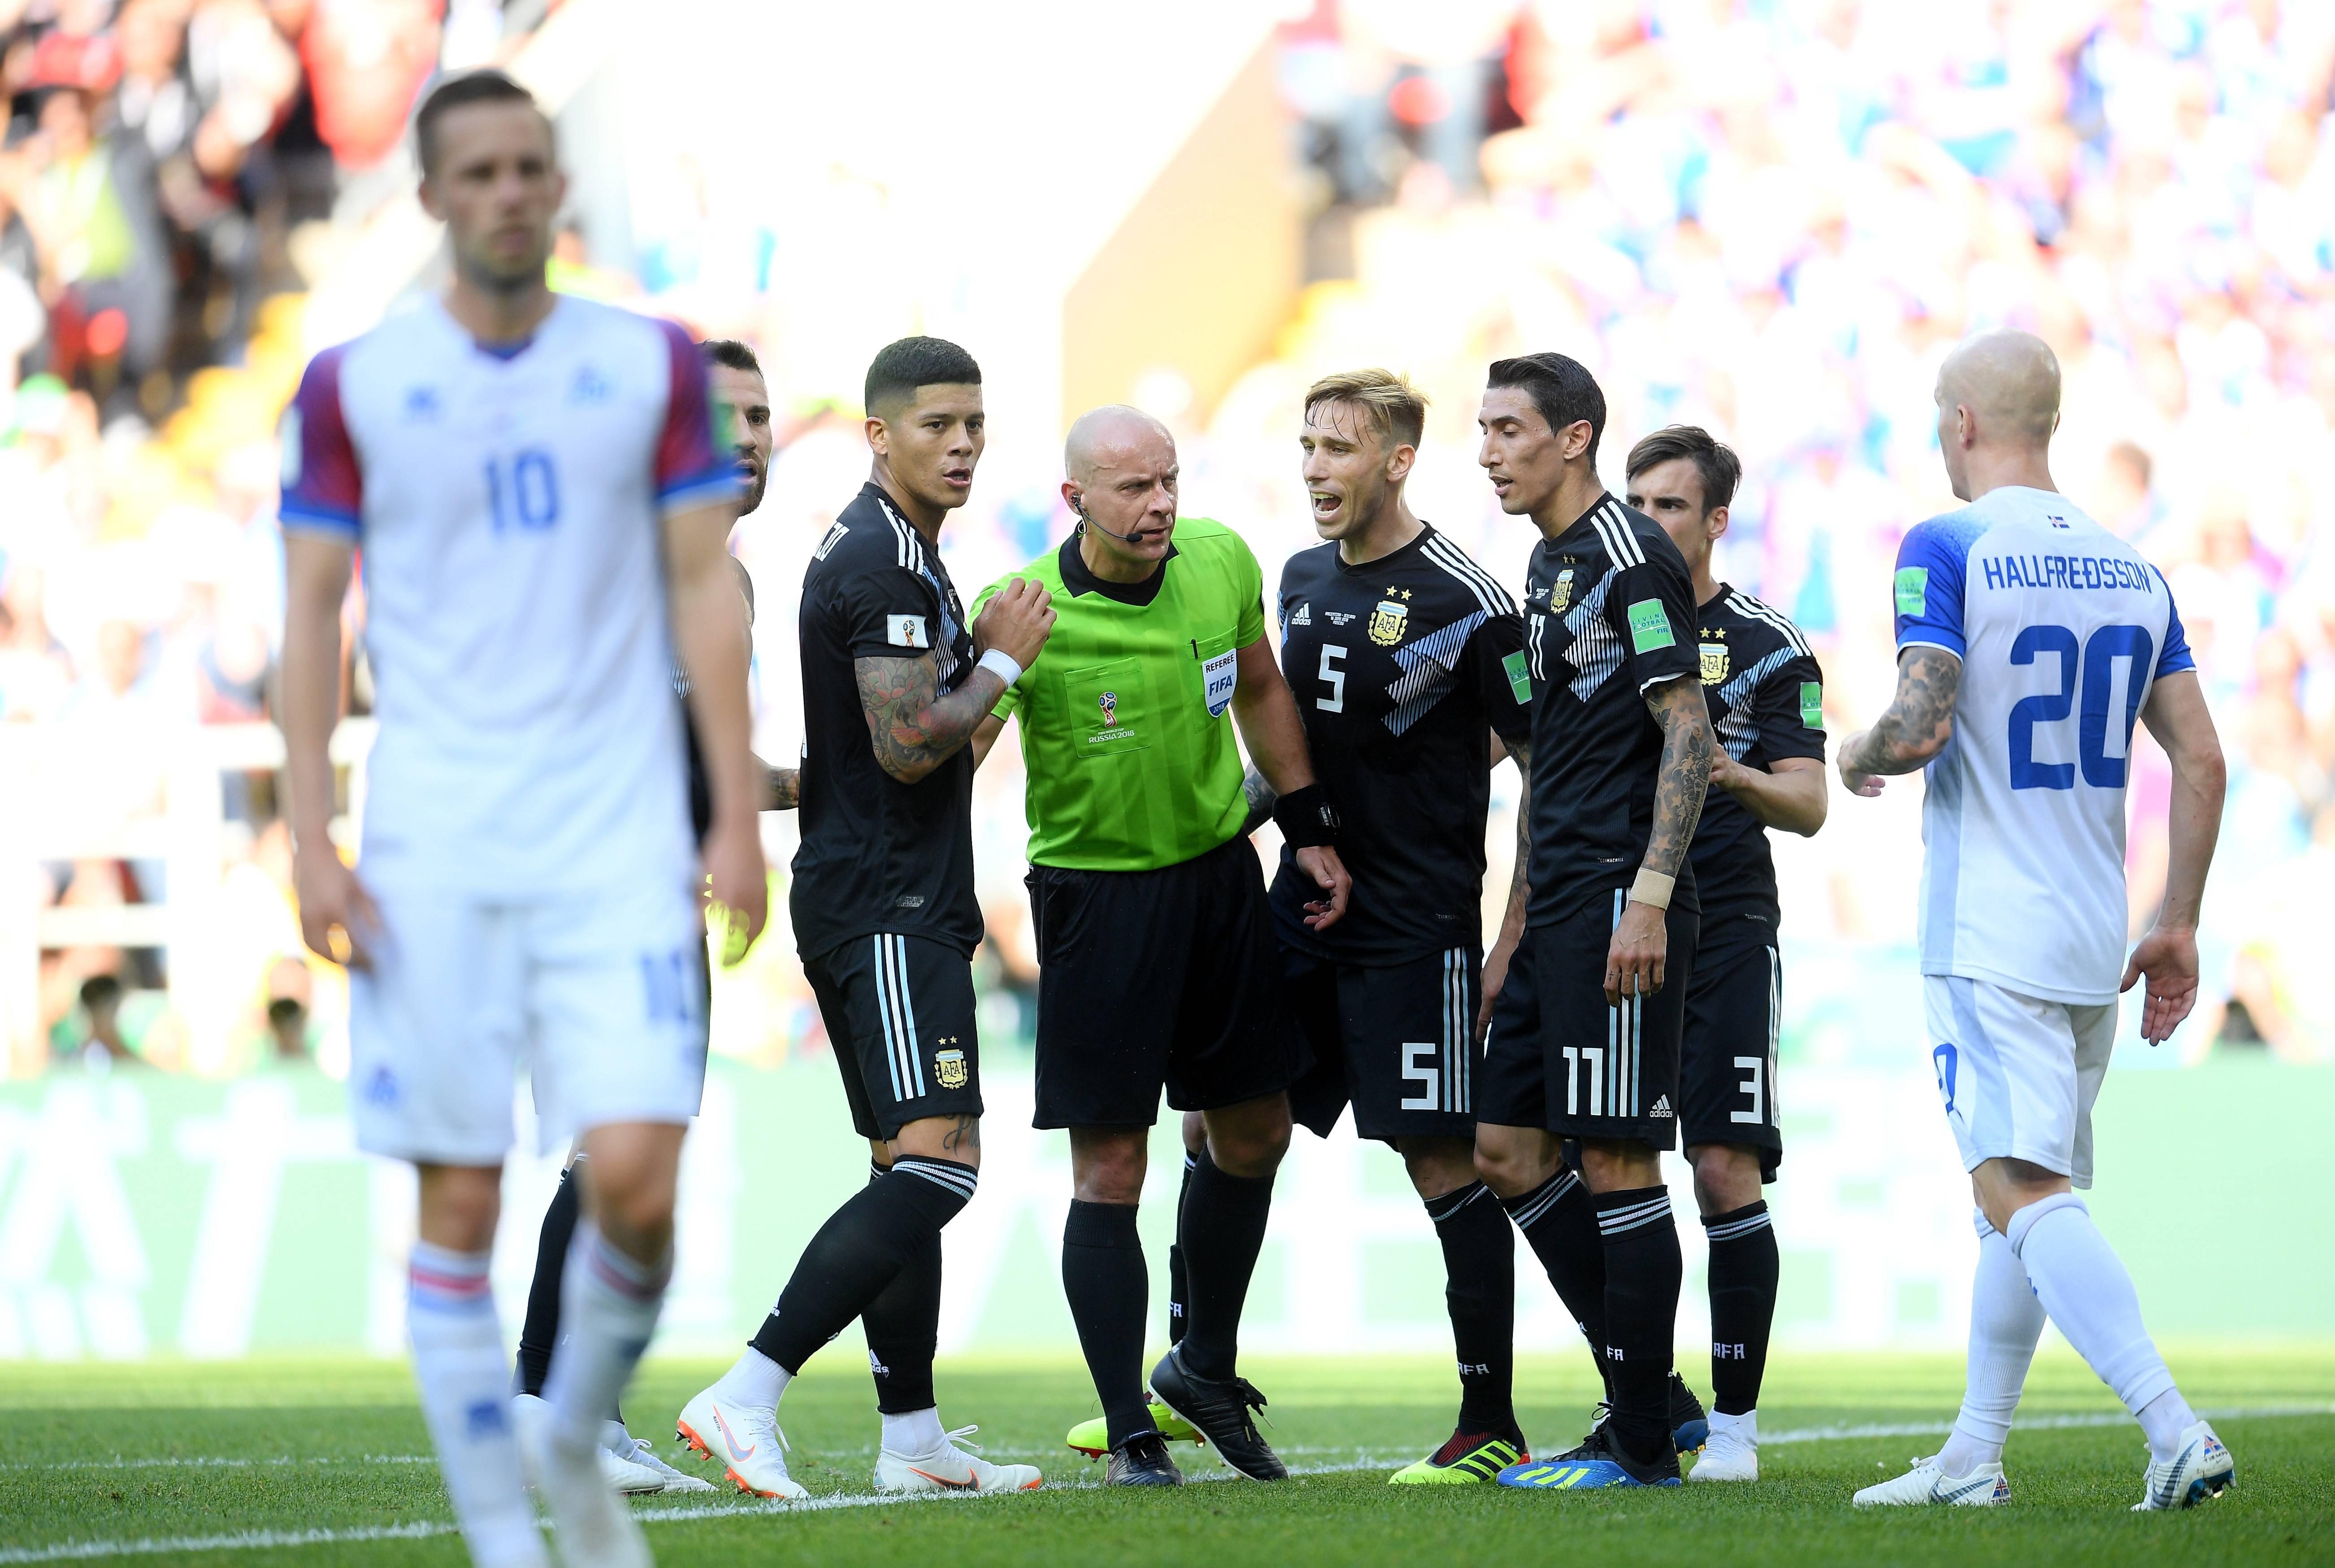 كأس العالم: جميع ما حصل من مفارقات يوم السبت 16/6/2018